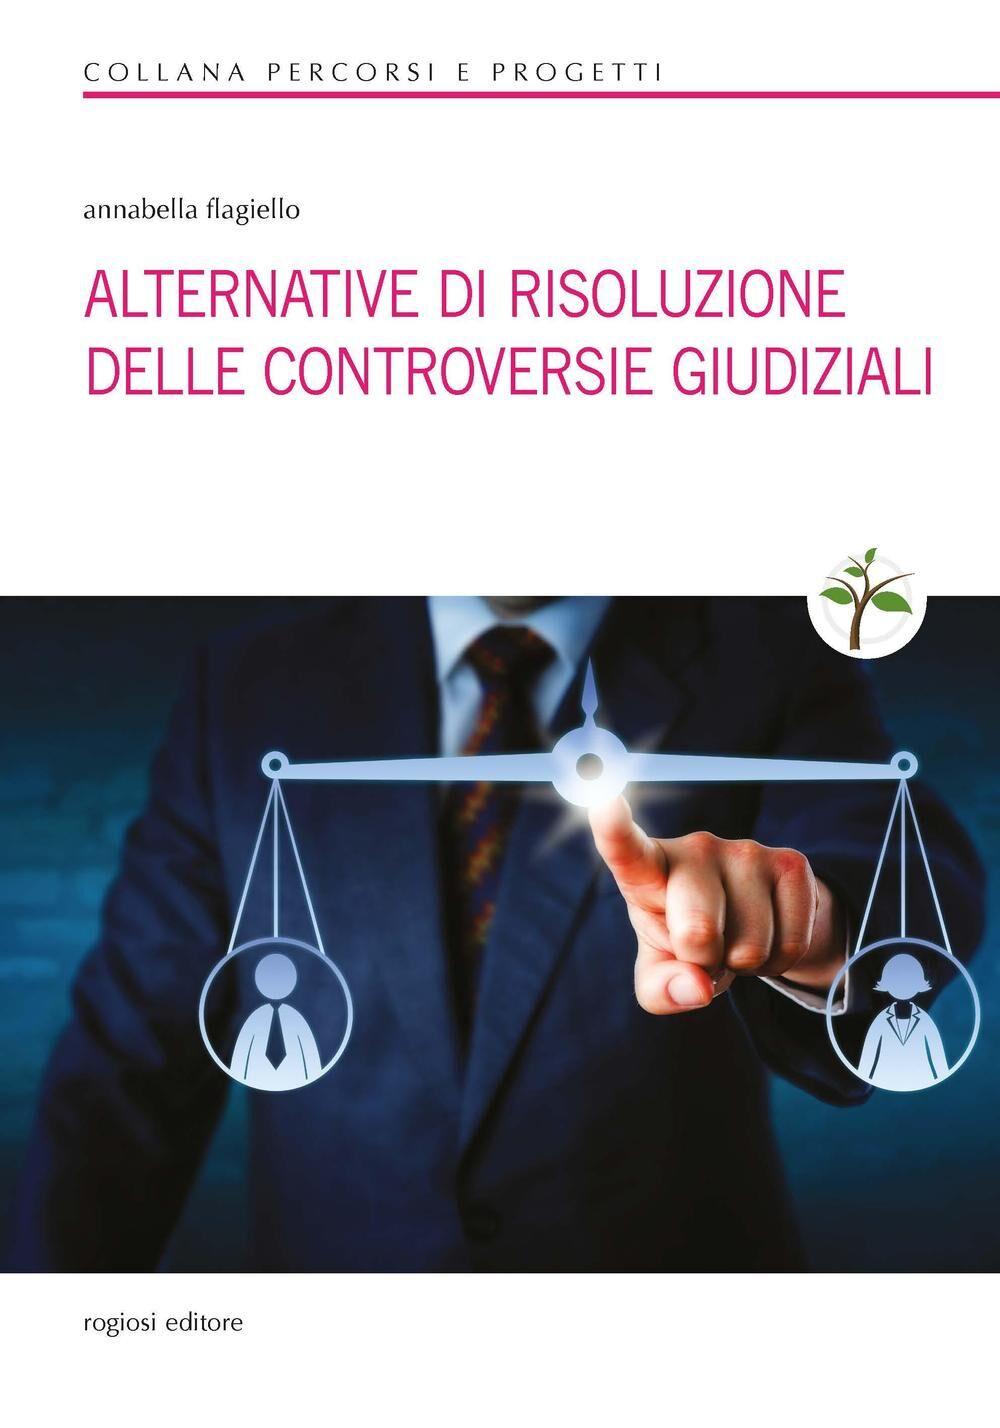 Alternative di risoluzione delle controversie giudiziali